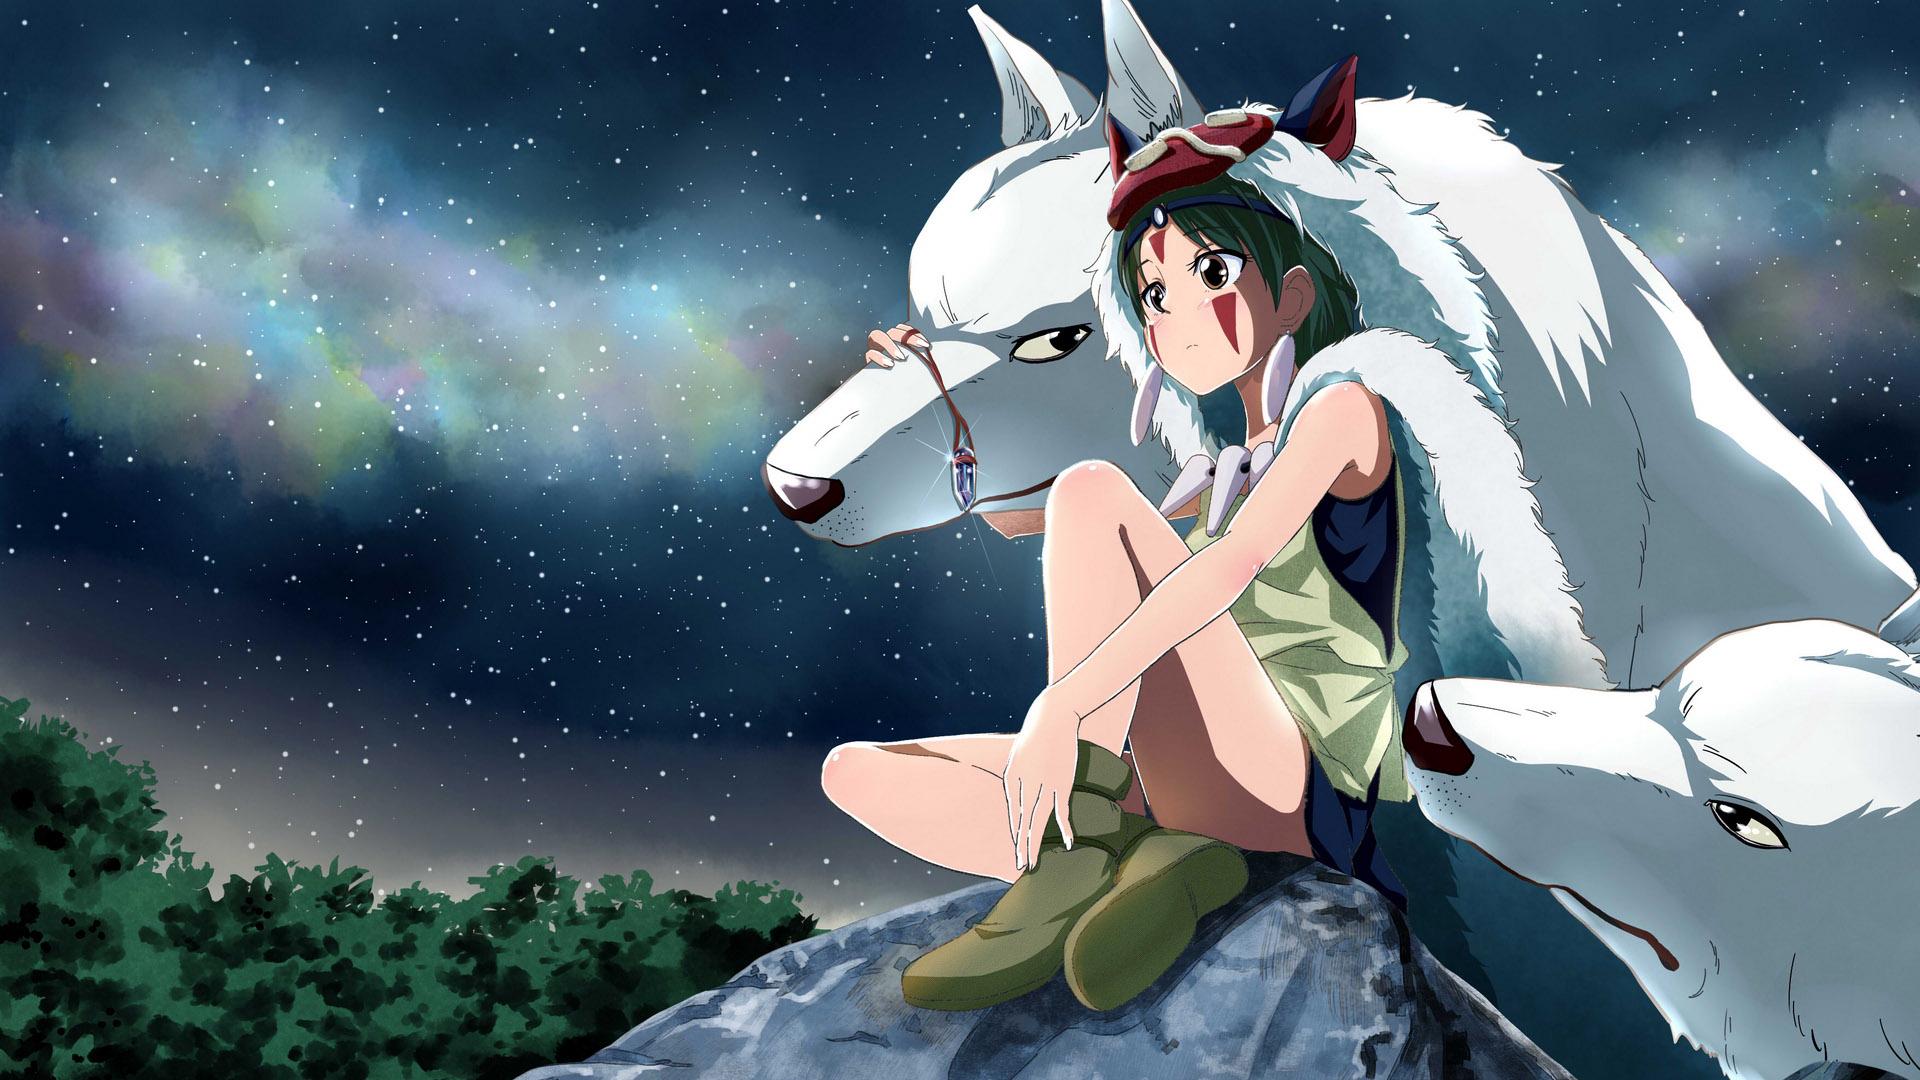 Лучшие классные аниме обои для рабочего стола - подборка №2 3